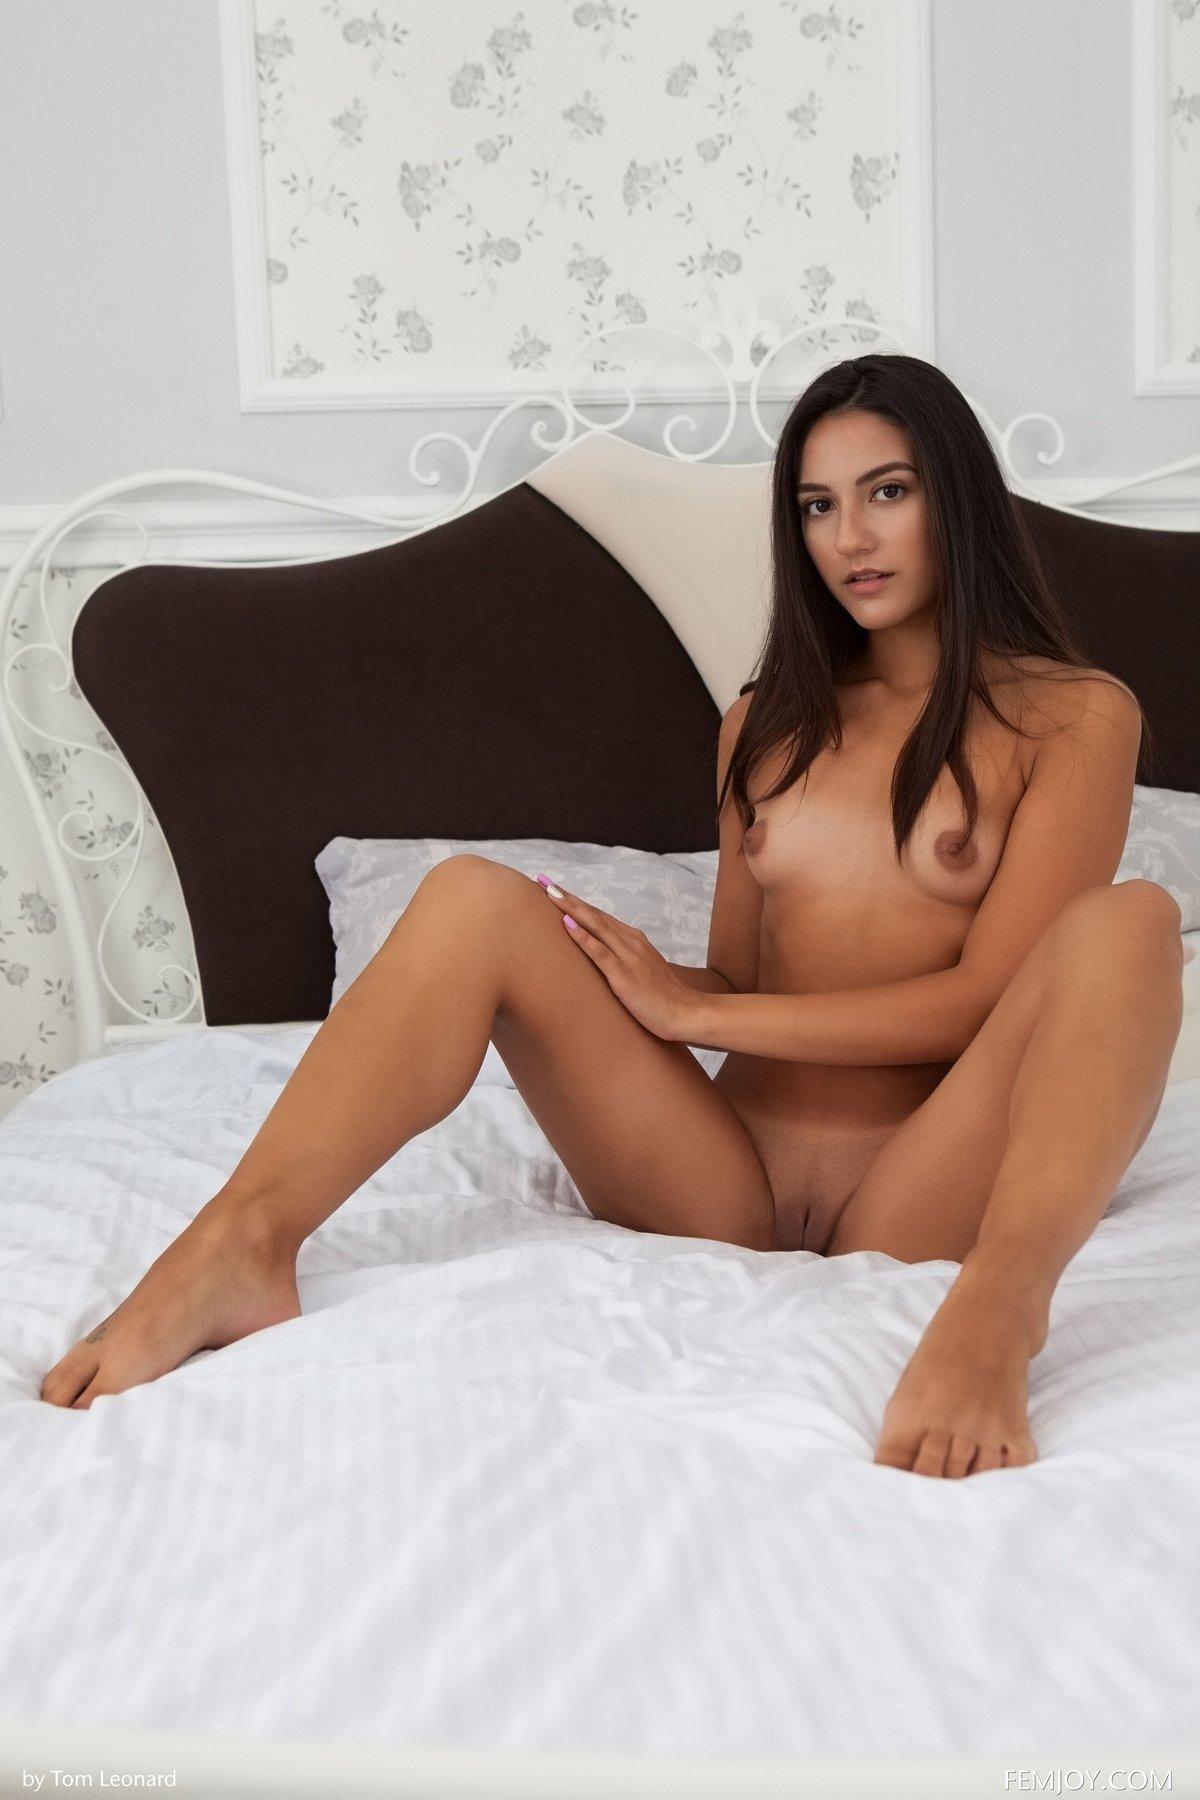 Молодая девушка с грудью нулевого размера сидит на кровати